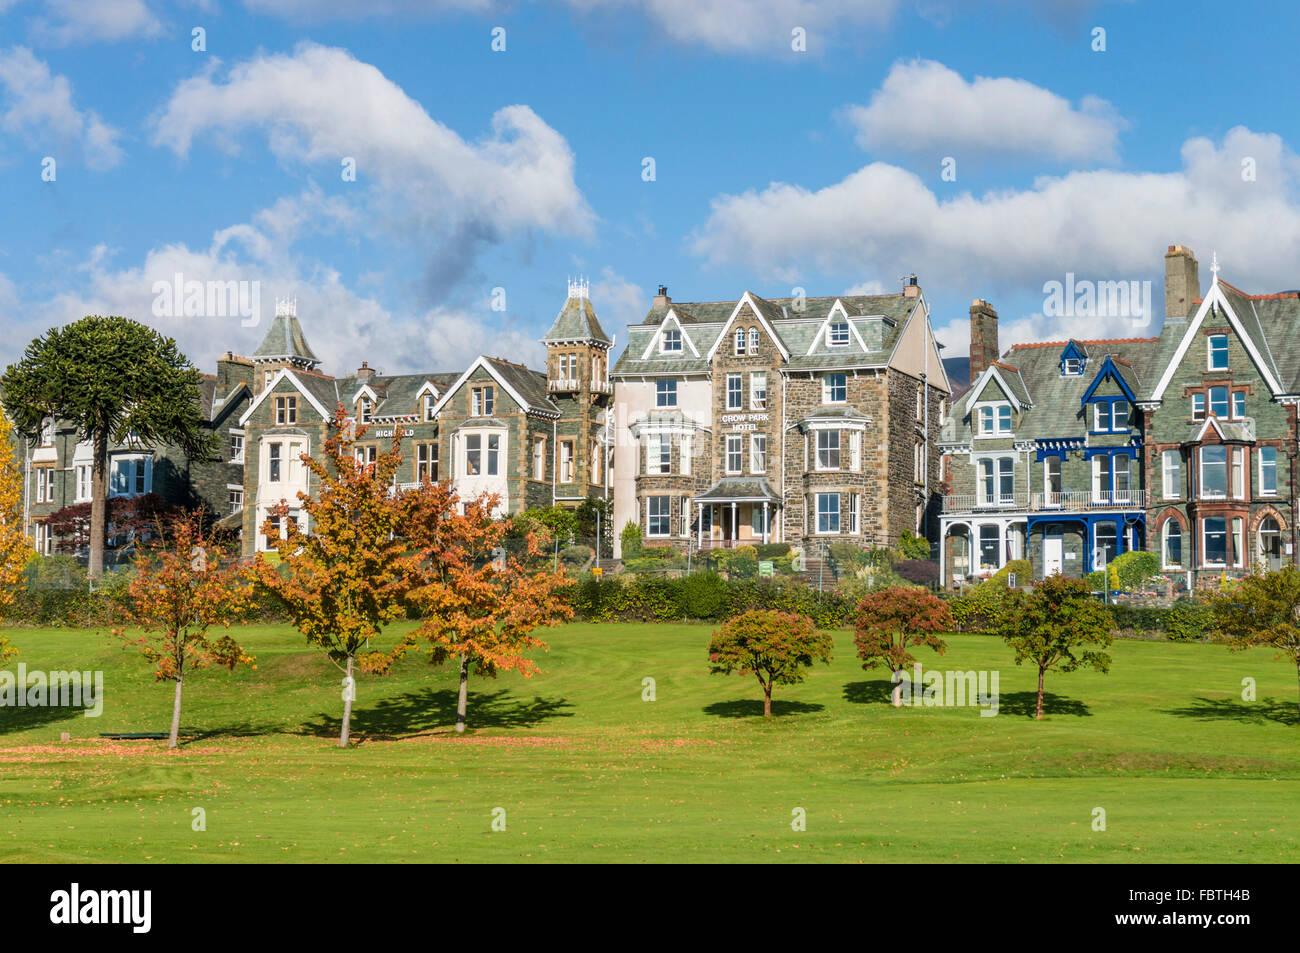 Hoteles y bed and breakfast lugares en las cabezas detrás esperanza Park Keswick Cumbria Lake District Inglaterra Imagen De Stock